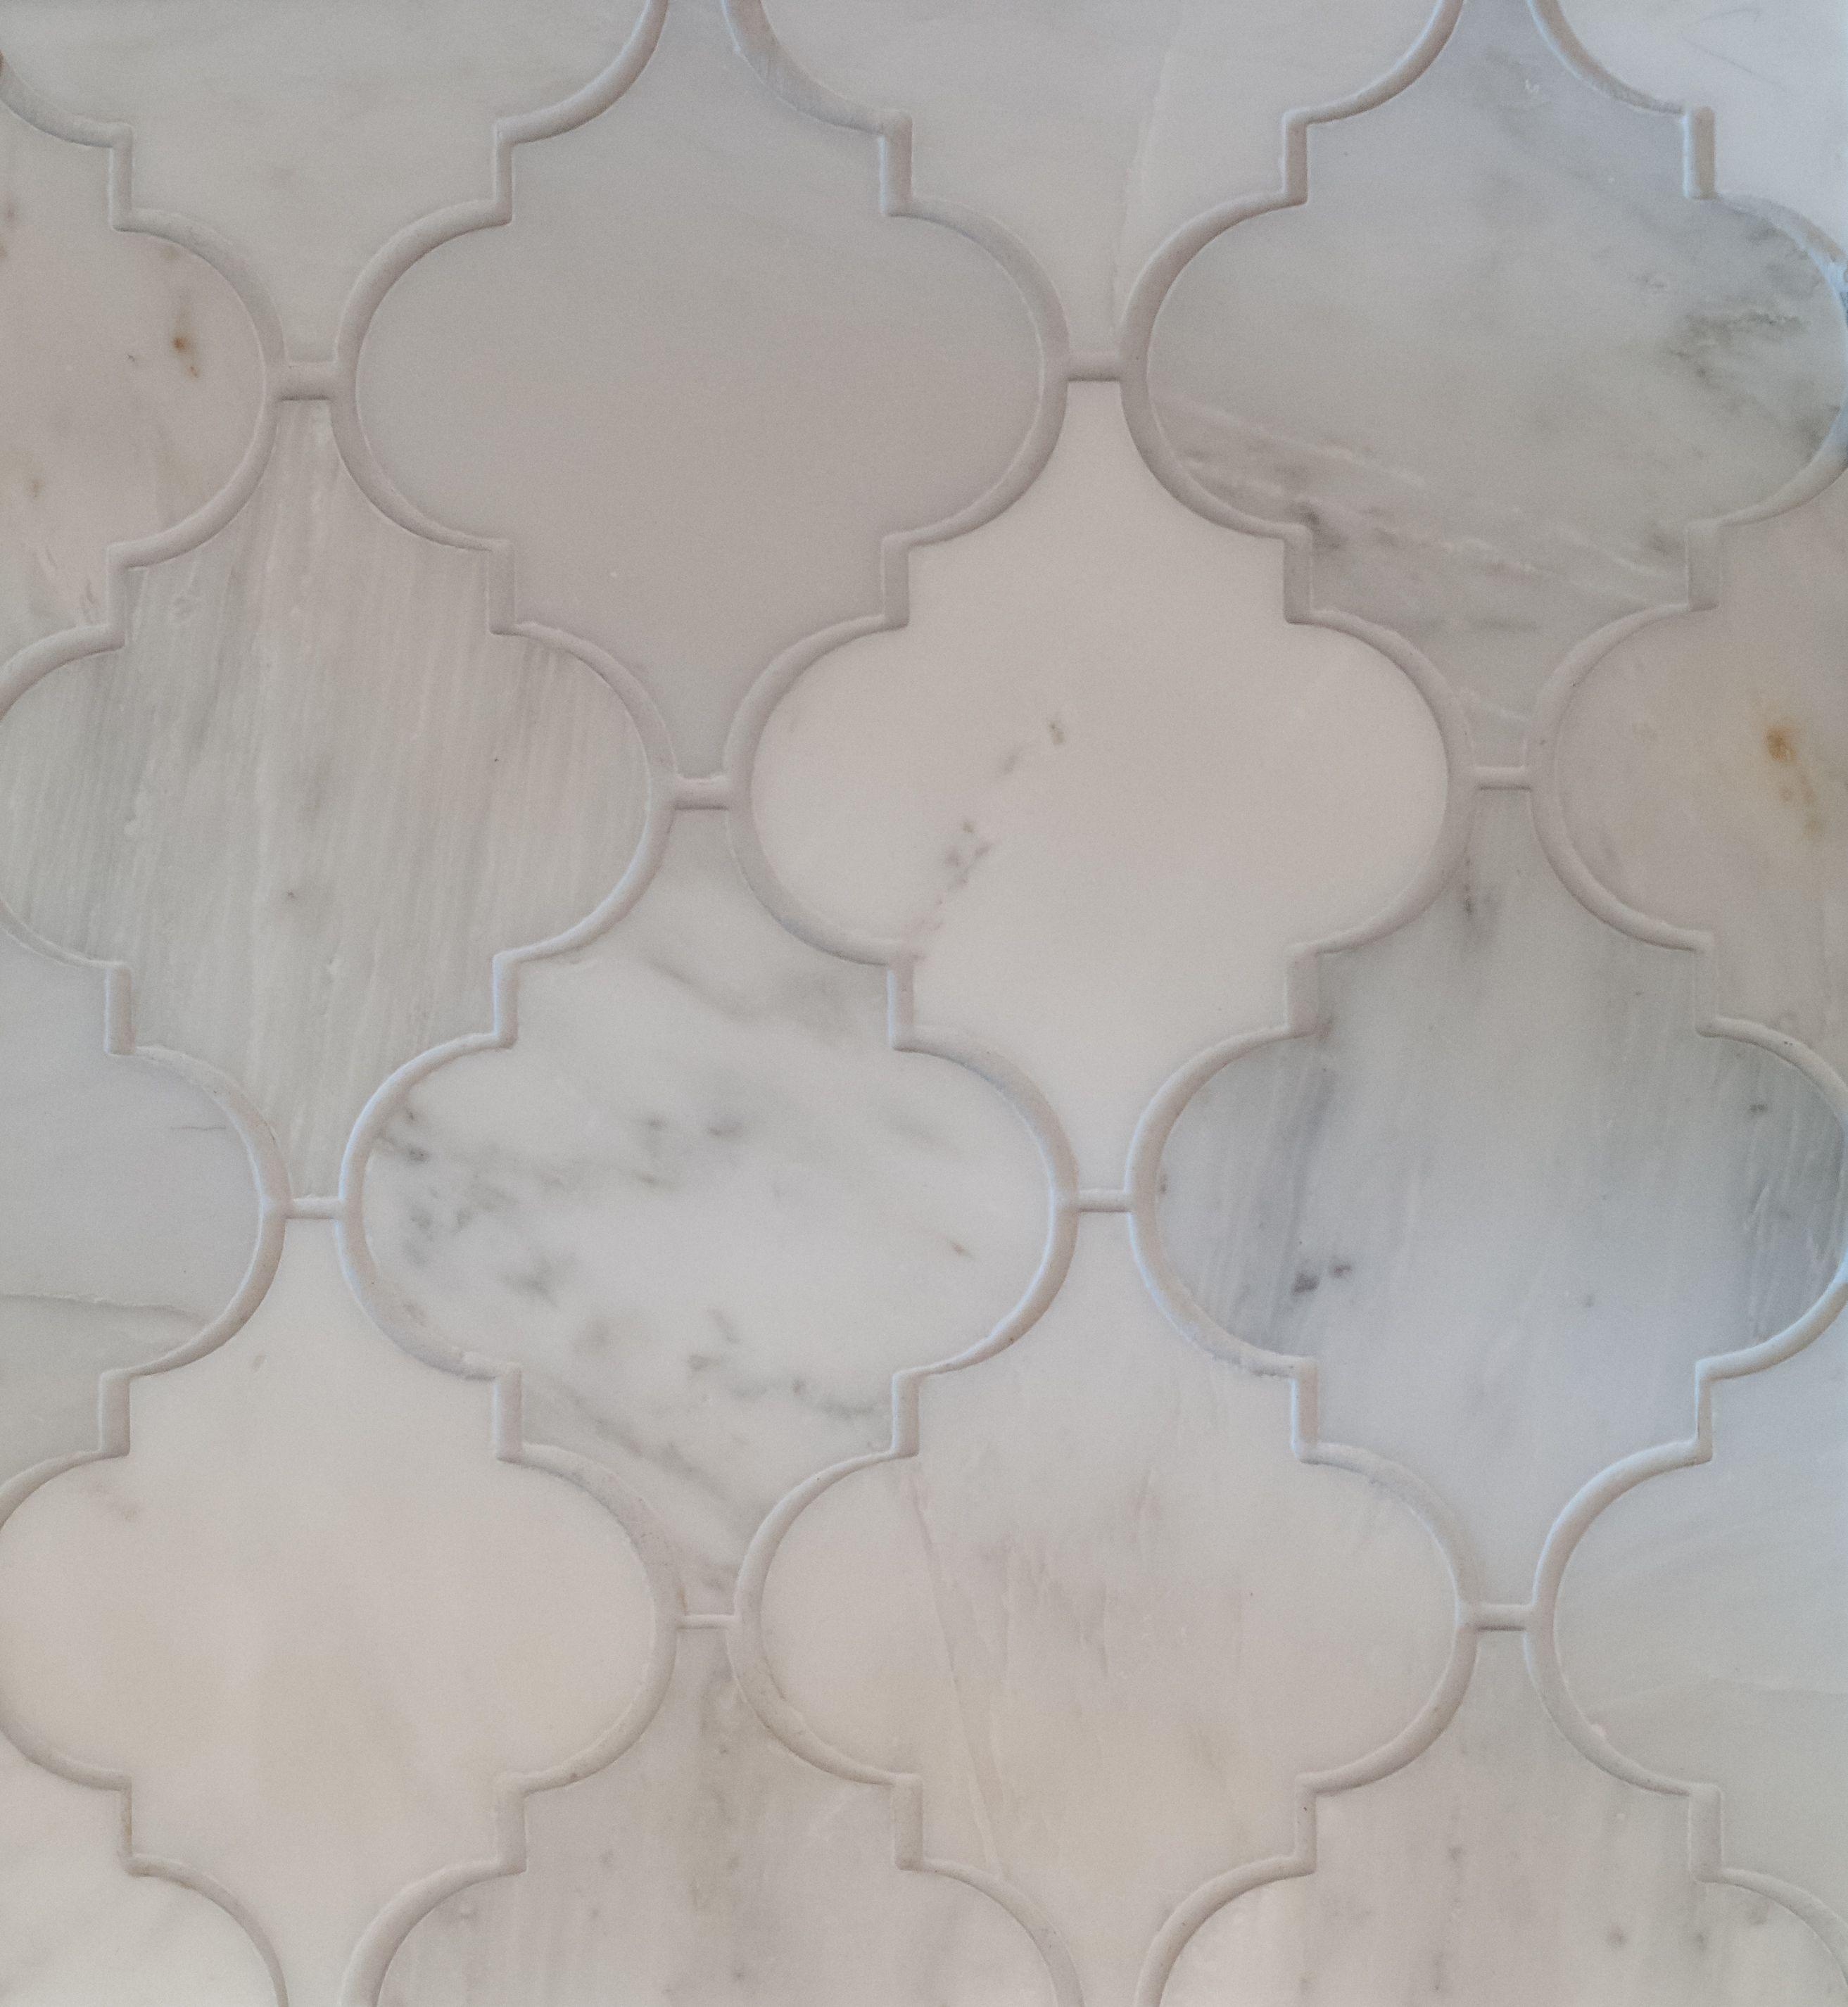 Arabesque Tile Oriental White Marble Honed For